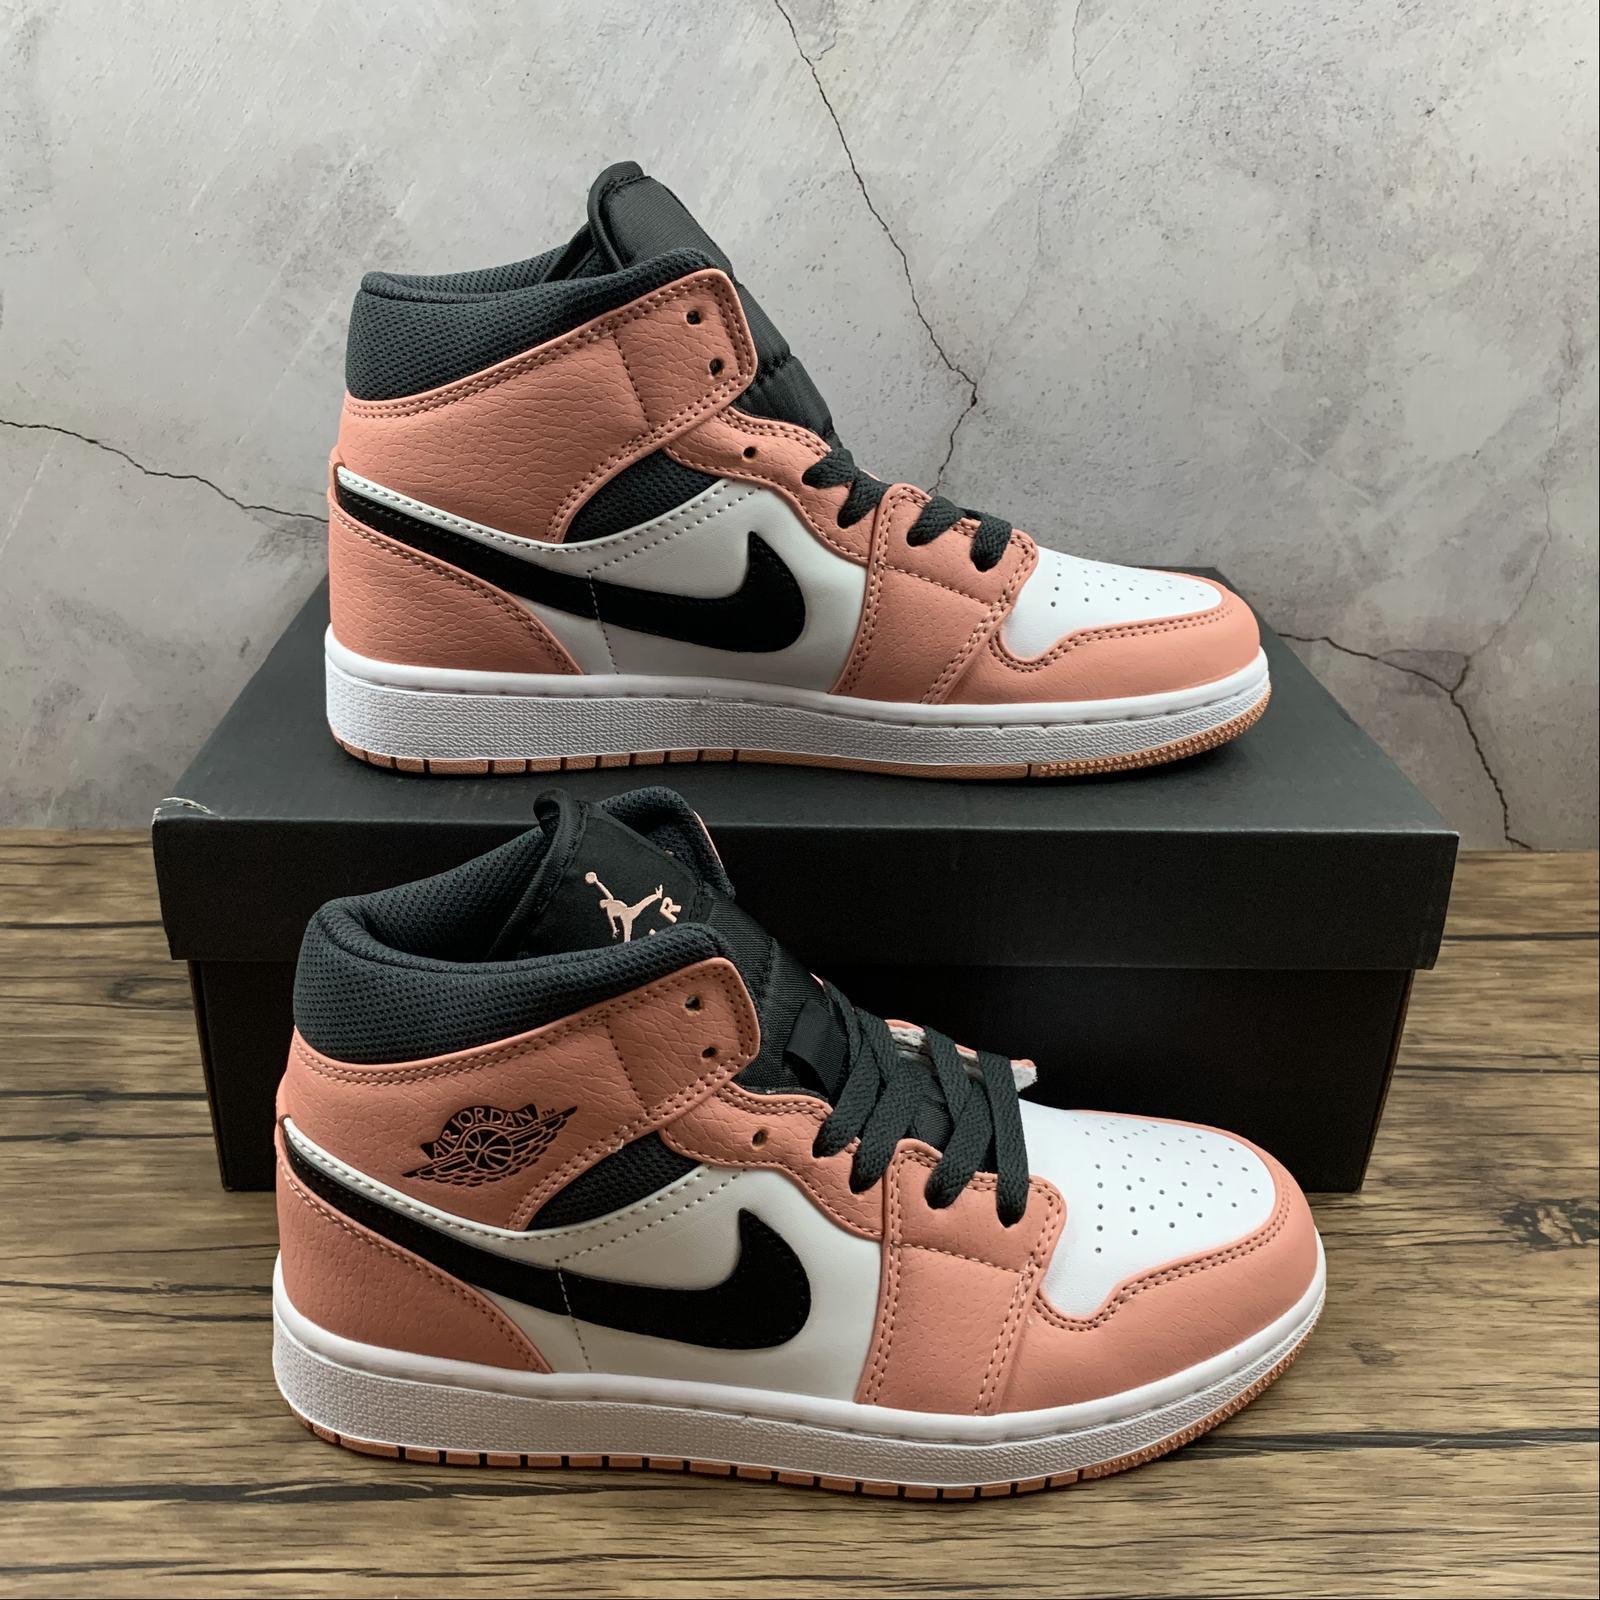 Venta Nike Air Jordan Mid Mujer En Stock